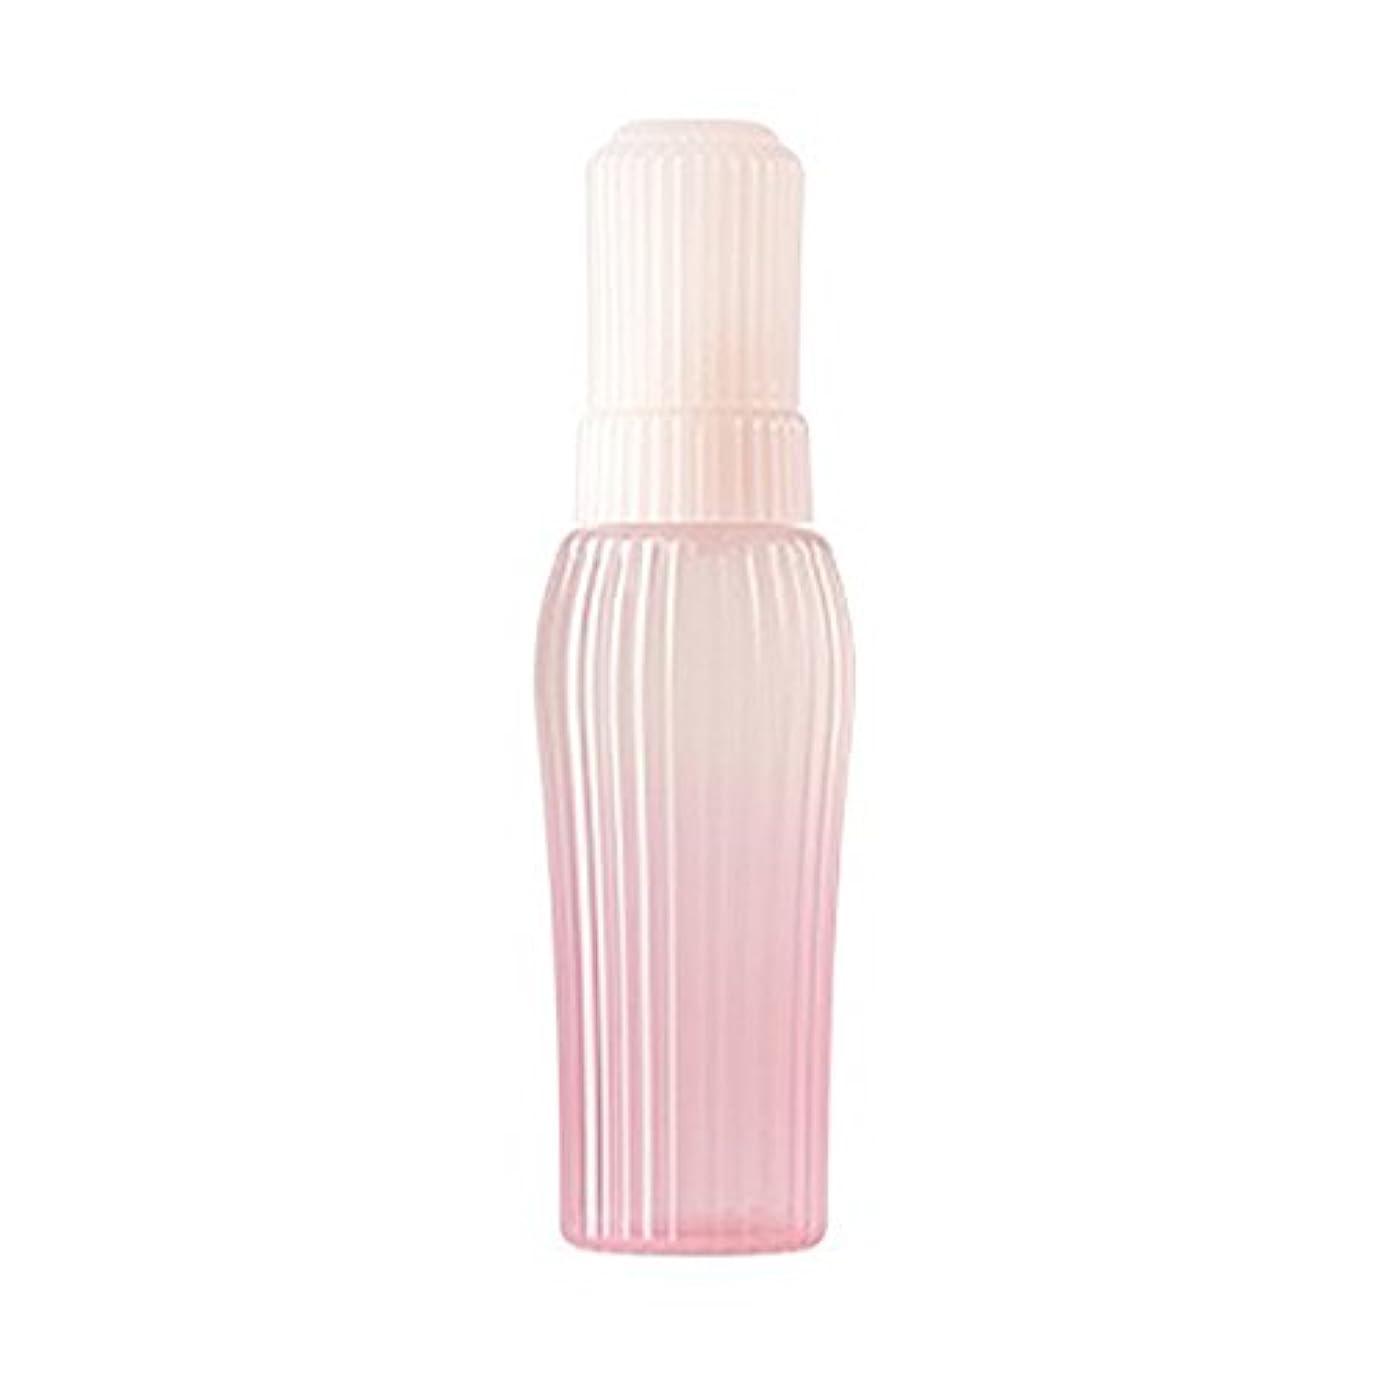 ファンシー寄付する氏アユーラ (AYURA) fサインディフェンス スキンエンハンサー (医薬部外品) 130mL 〈敏感肌用 化粧水〉薬用美容水